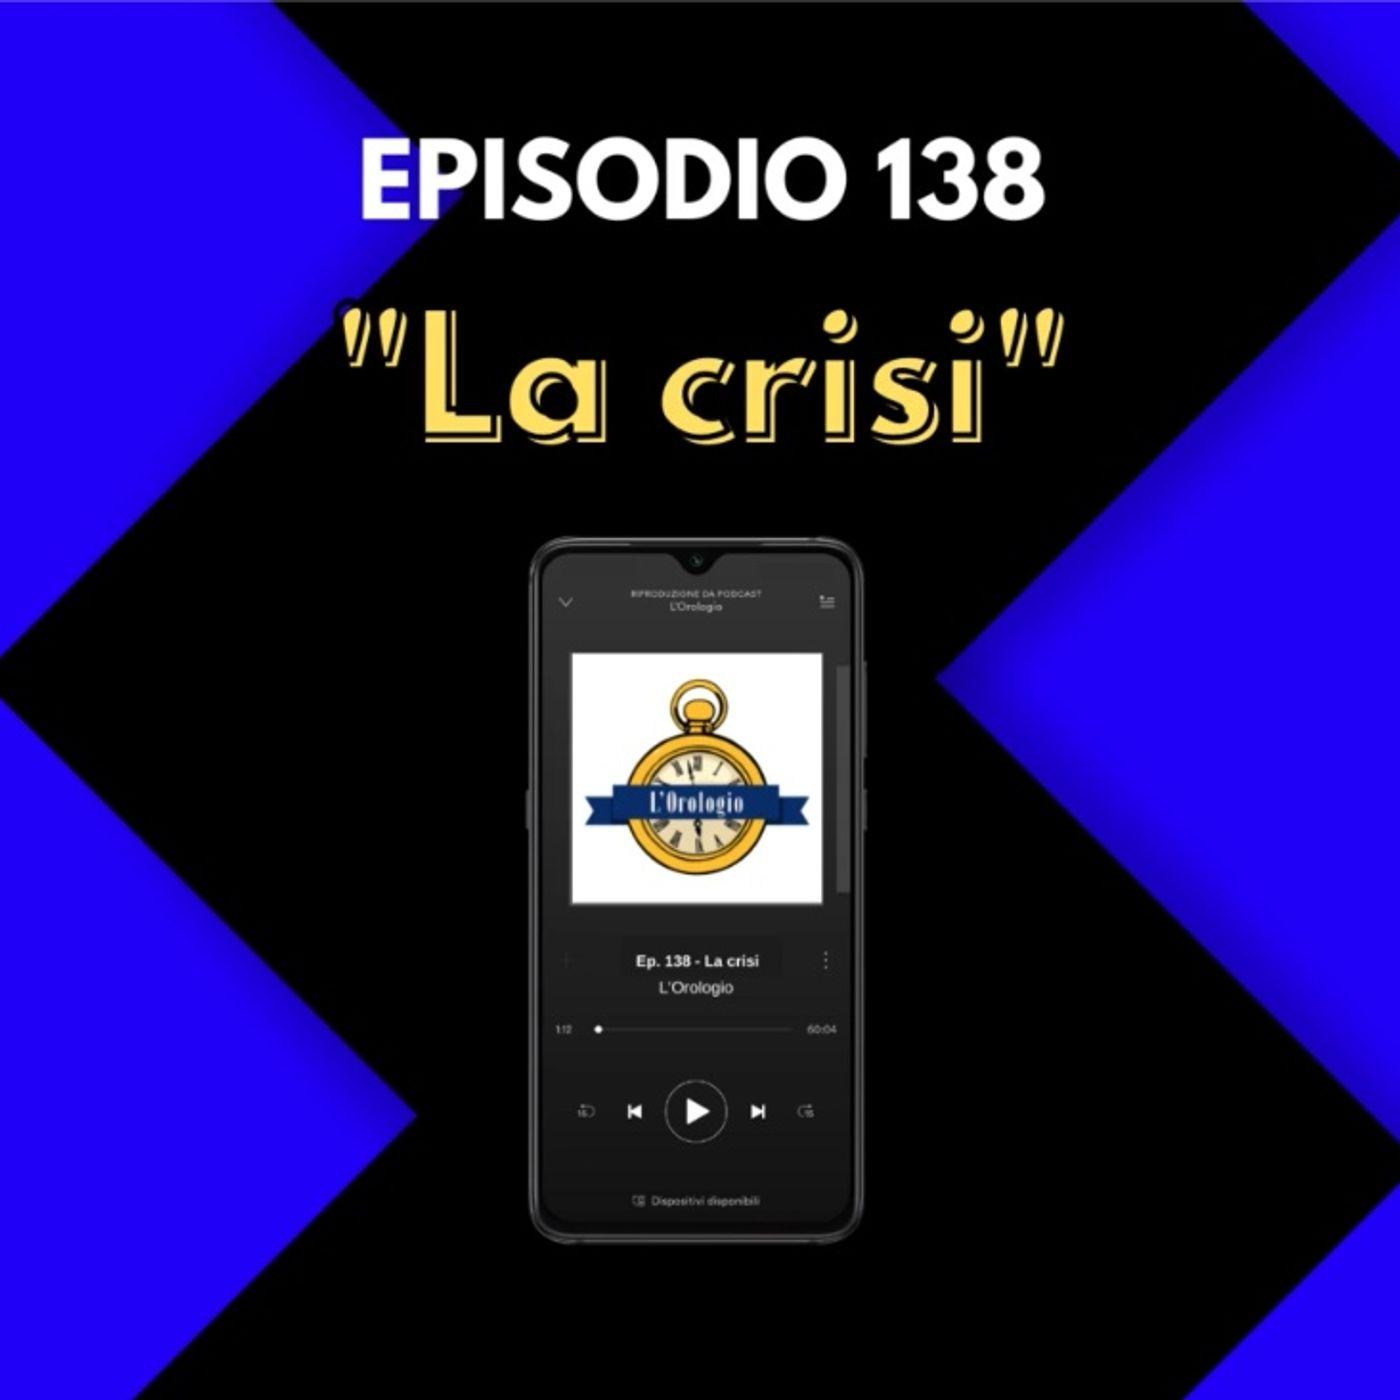 Ep. 138 - La Crisi